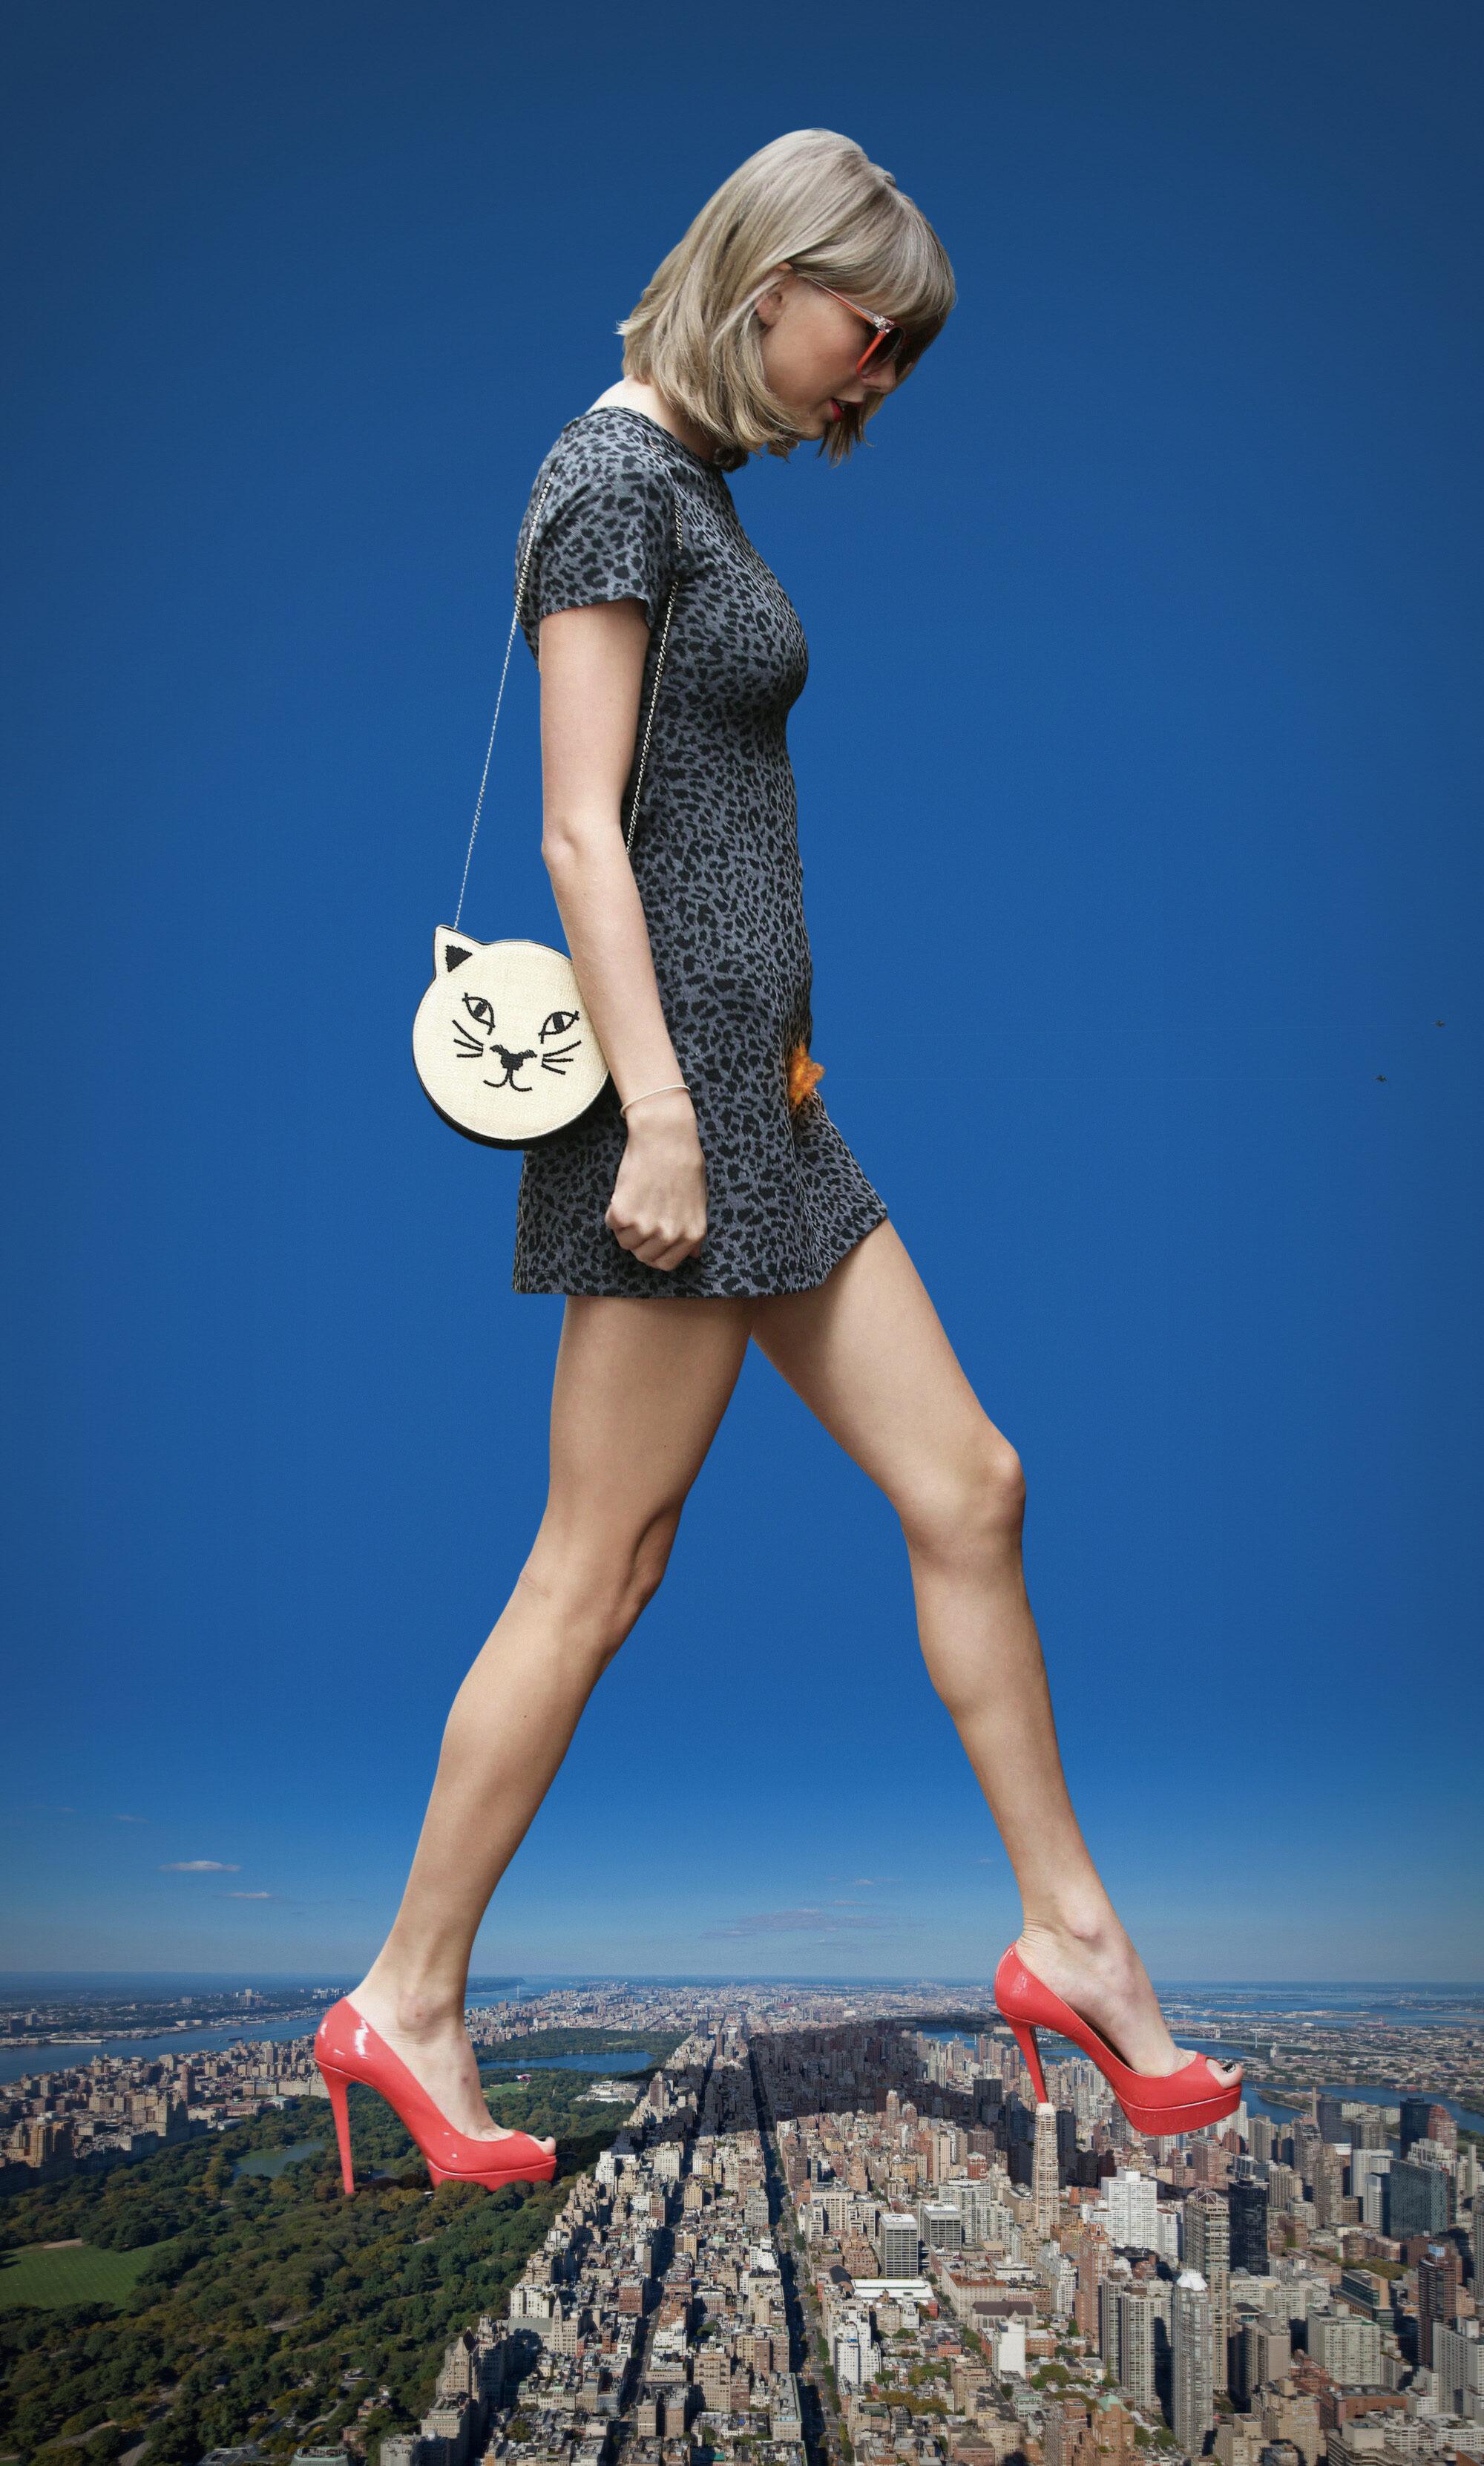 Swift Owner Login >> Giantess Taylor Swift in New York by docop on DeviantArt